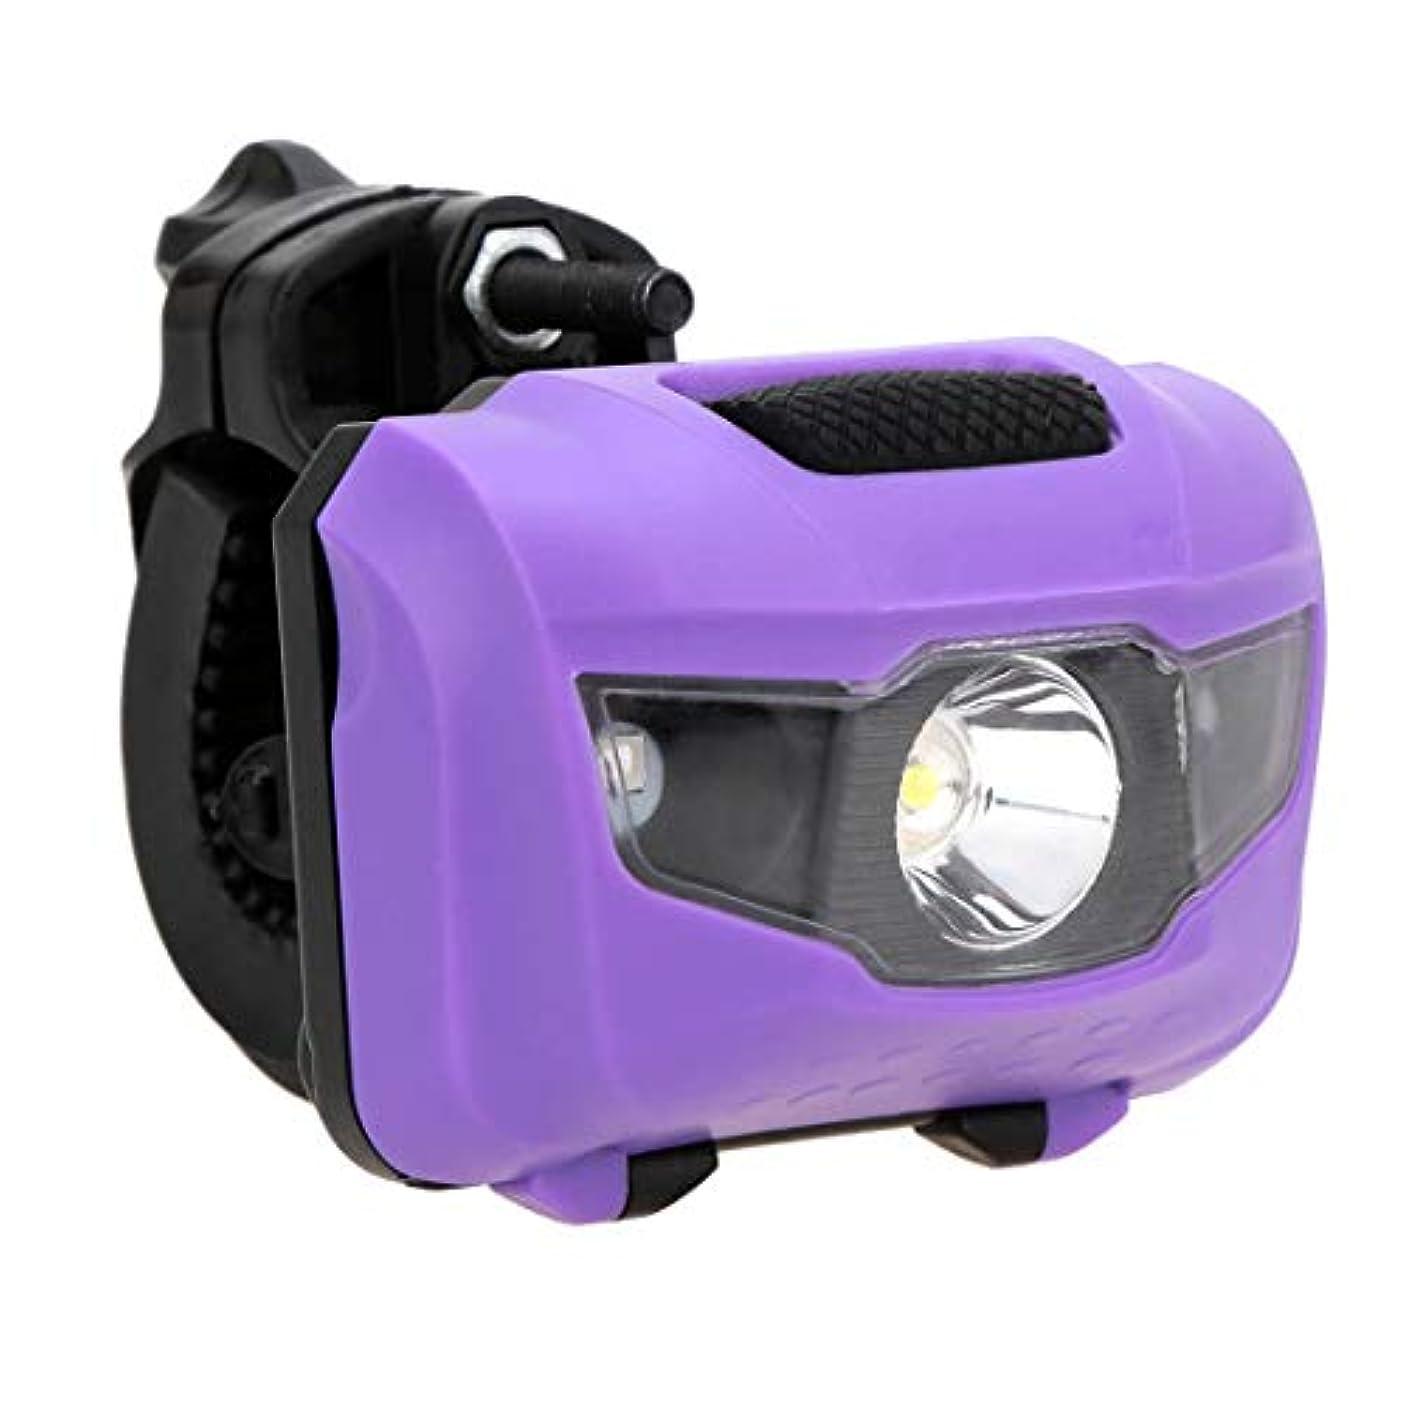 害回復するダウンWOVELOT 自転車用ヘッドライト 防水の強いLEDヘッドライト レッドライト警告灯携帯用自転車のヘッドライト ブラック